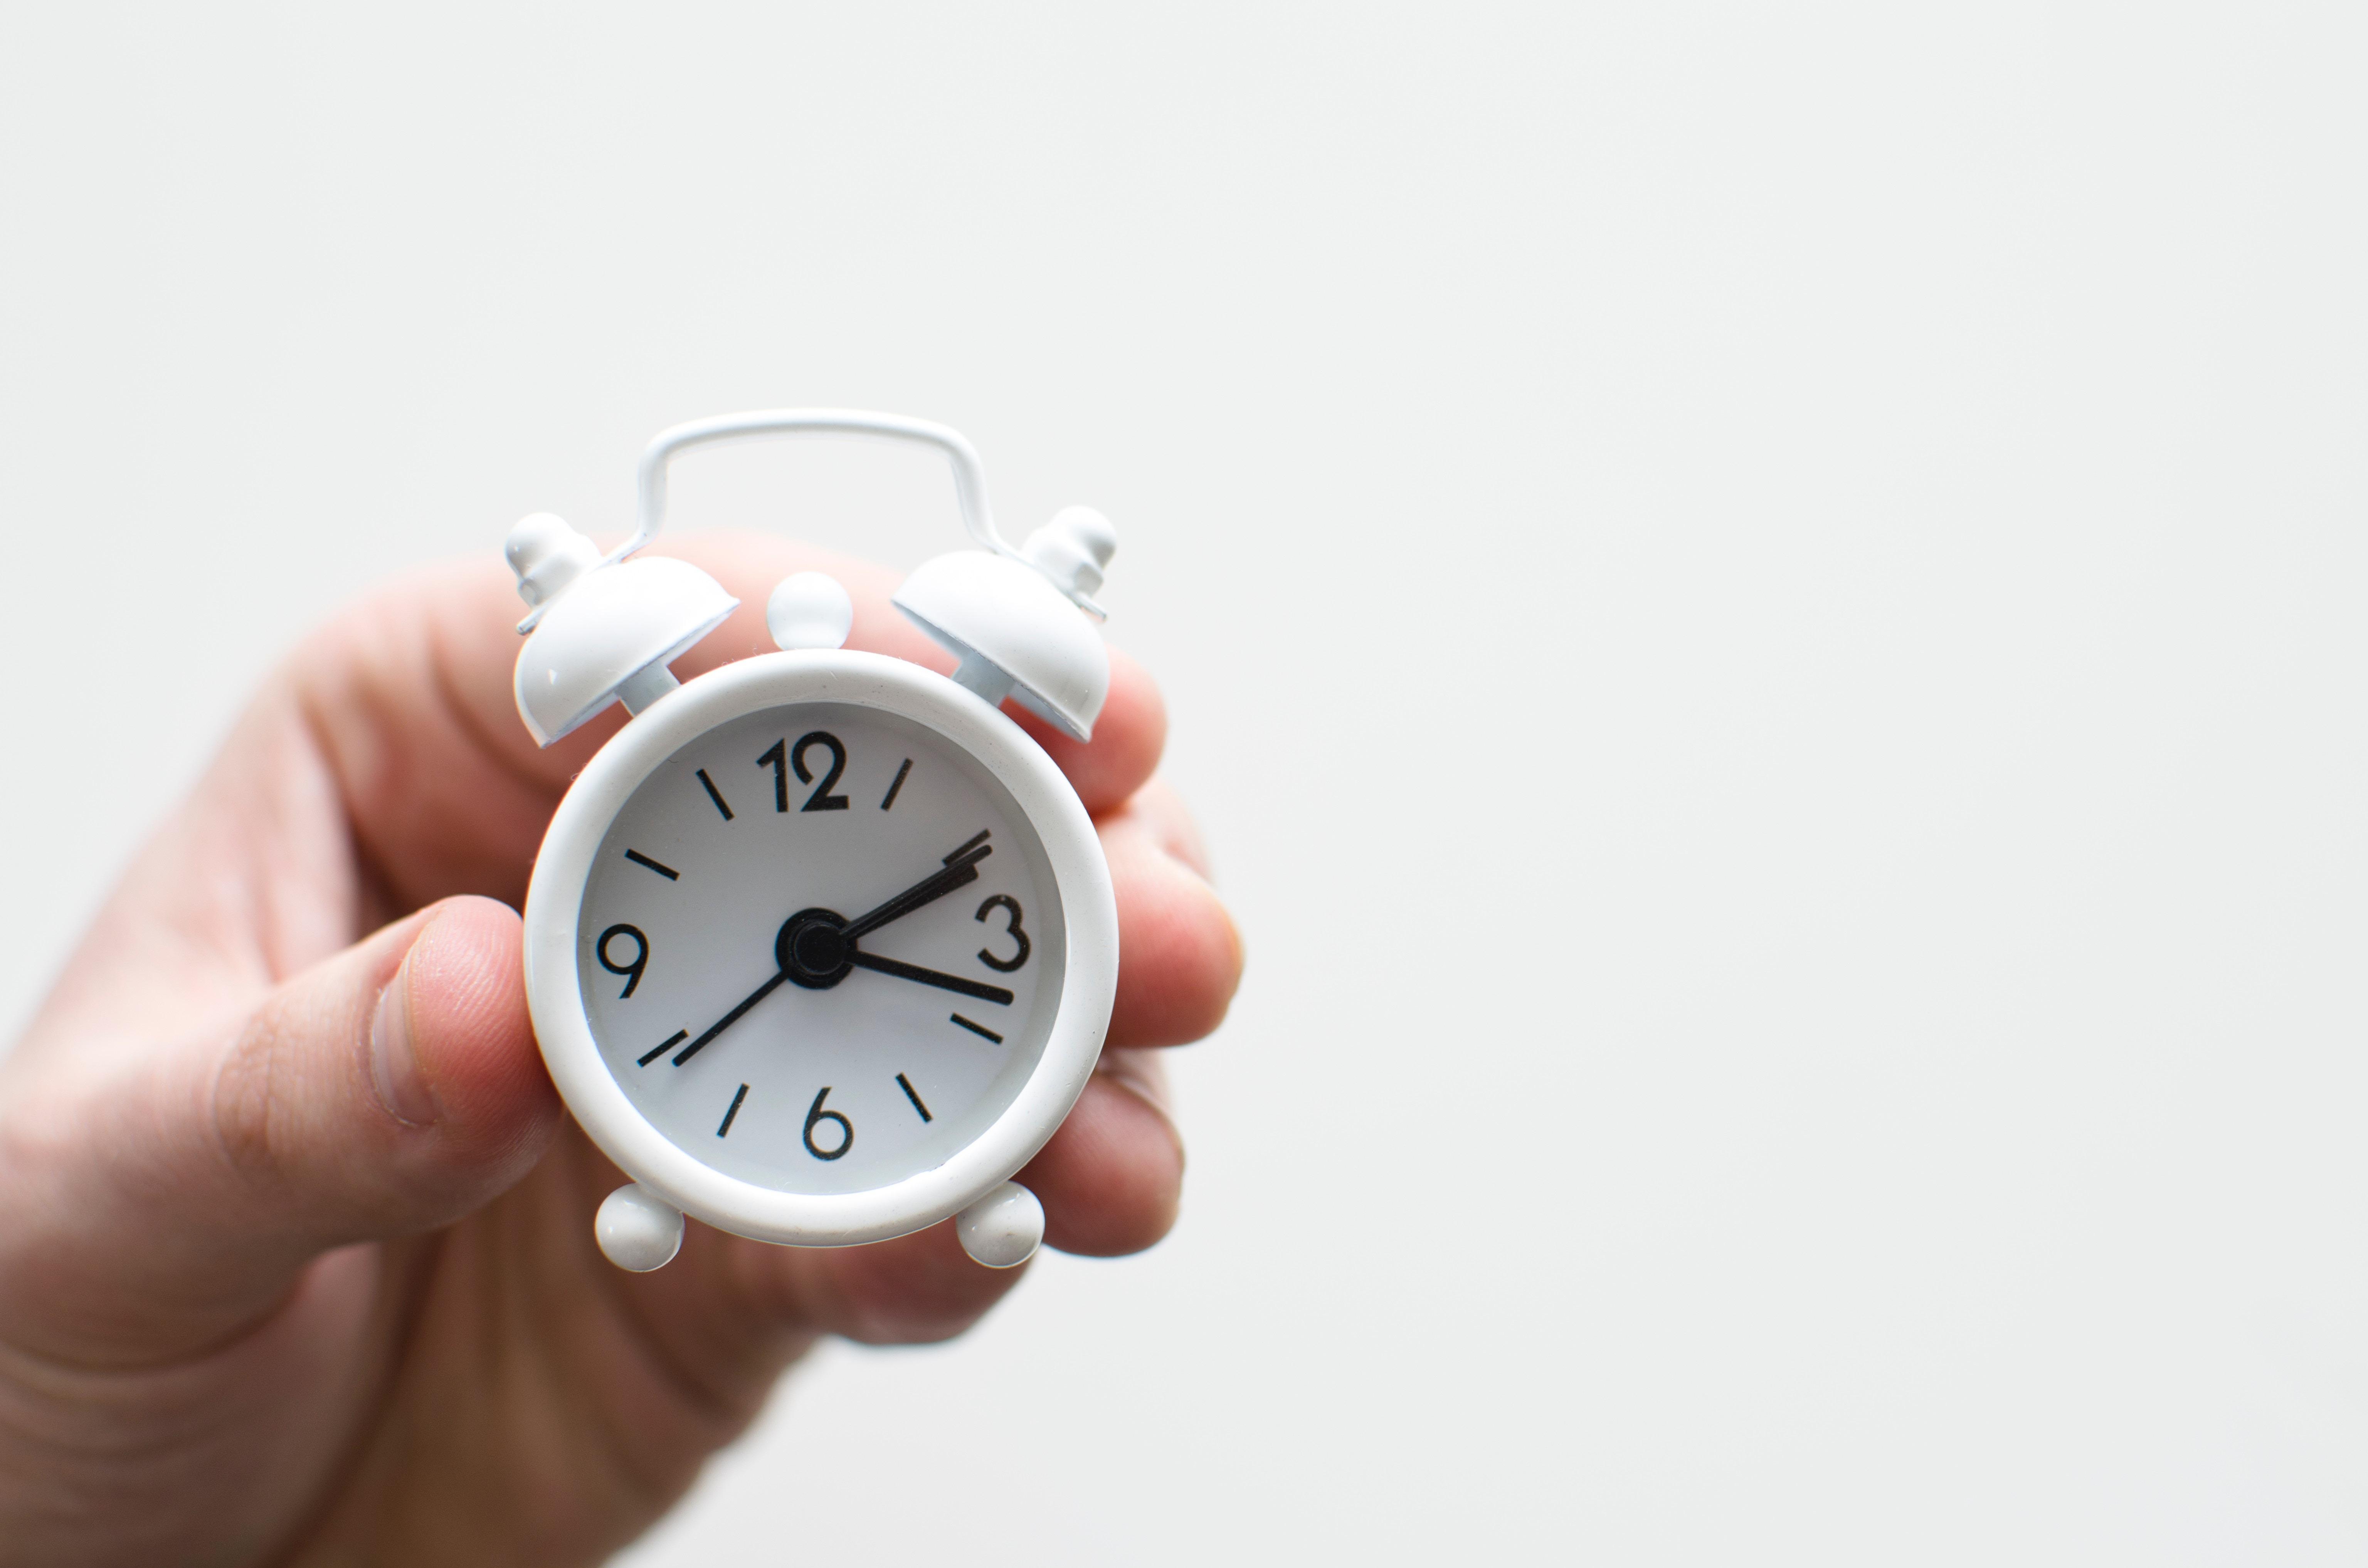 Como melhorar o gerenciamento de tempo no trabalho: dicas e truques para otimização de recursos